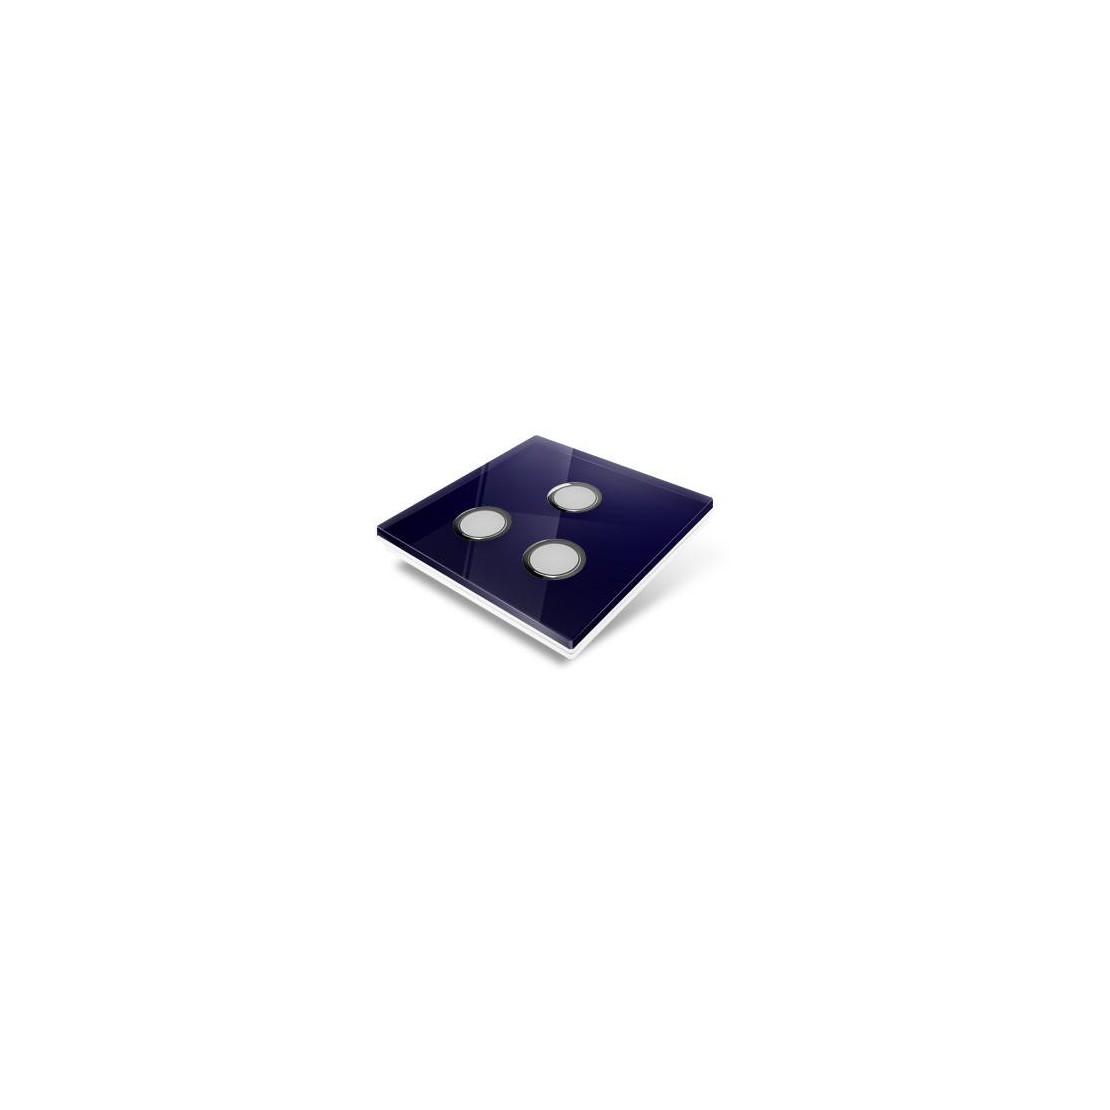 Afdekplaat voor Edisio-schakelaar - glas, nachtblauw